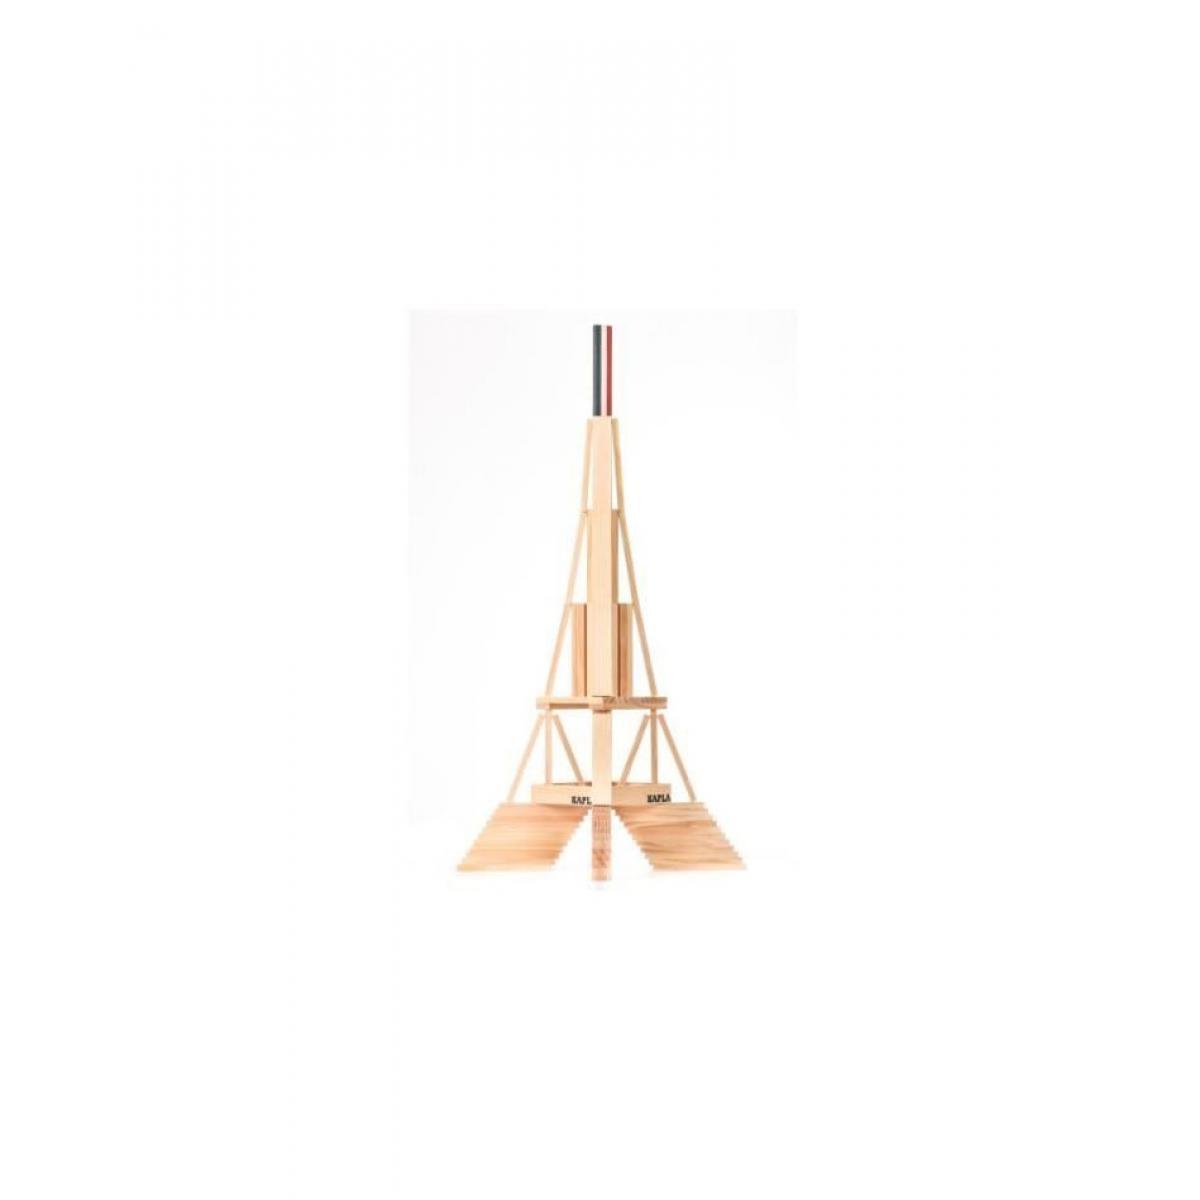 Kapla La planchette magique Kapla La Tour Eiffel